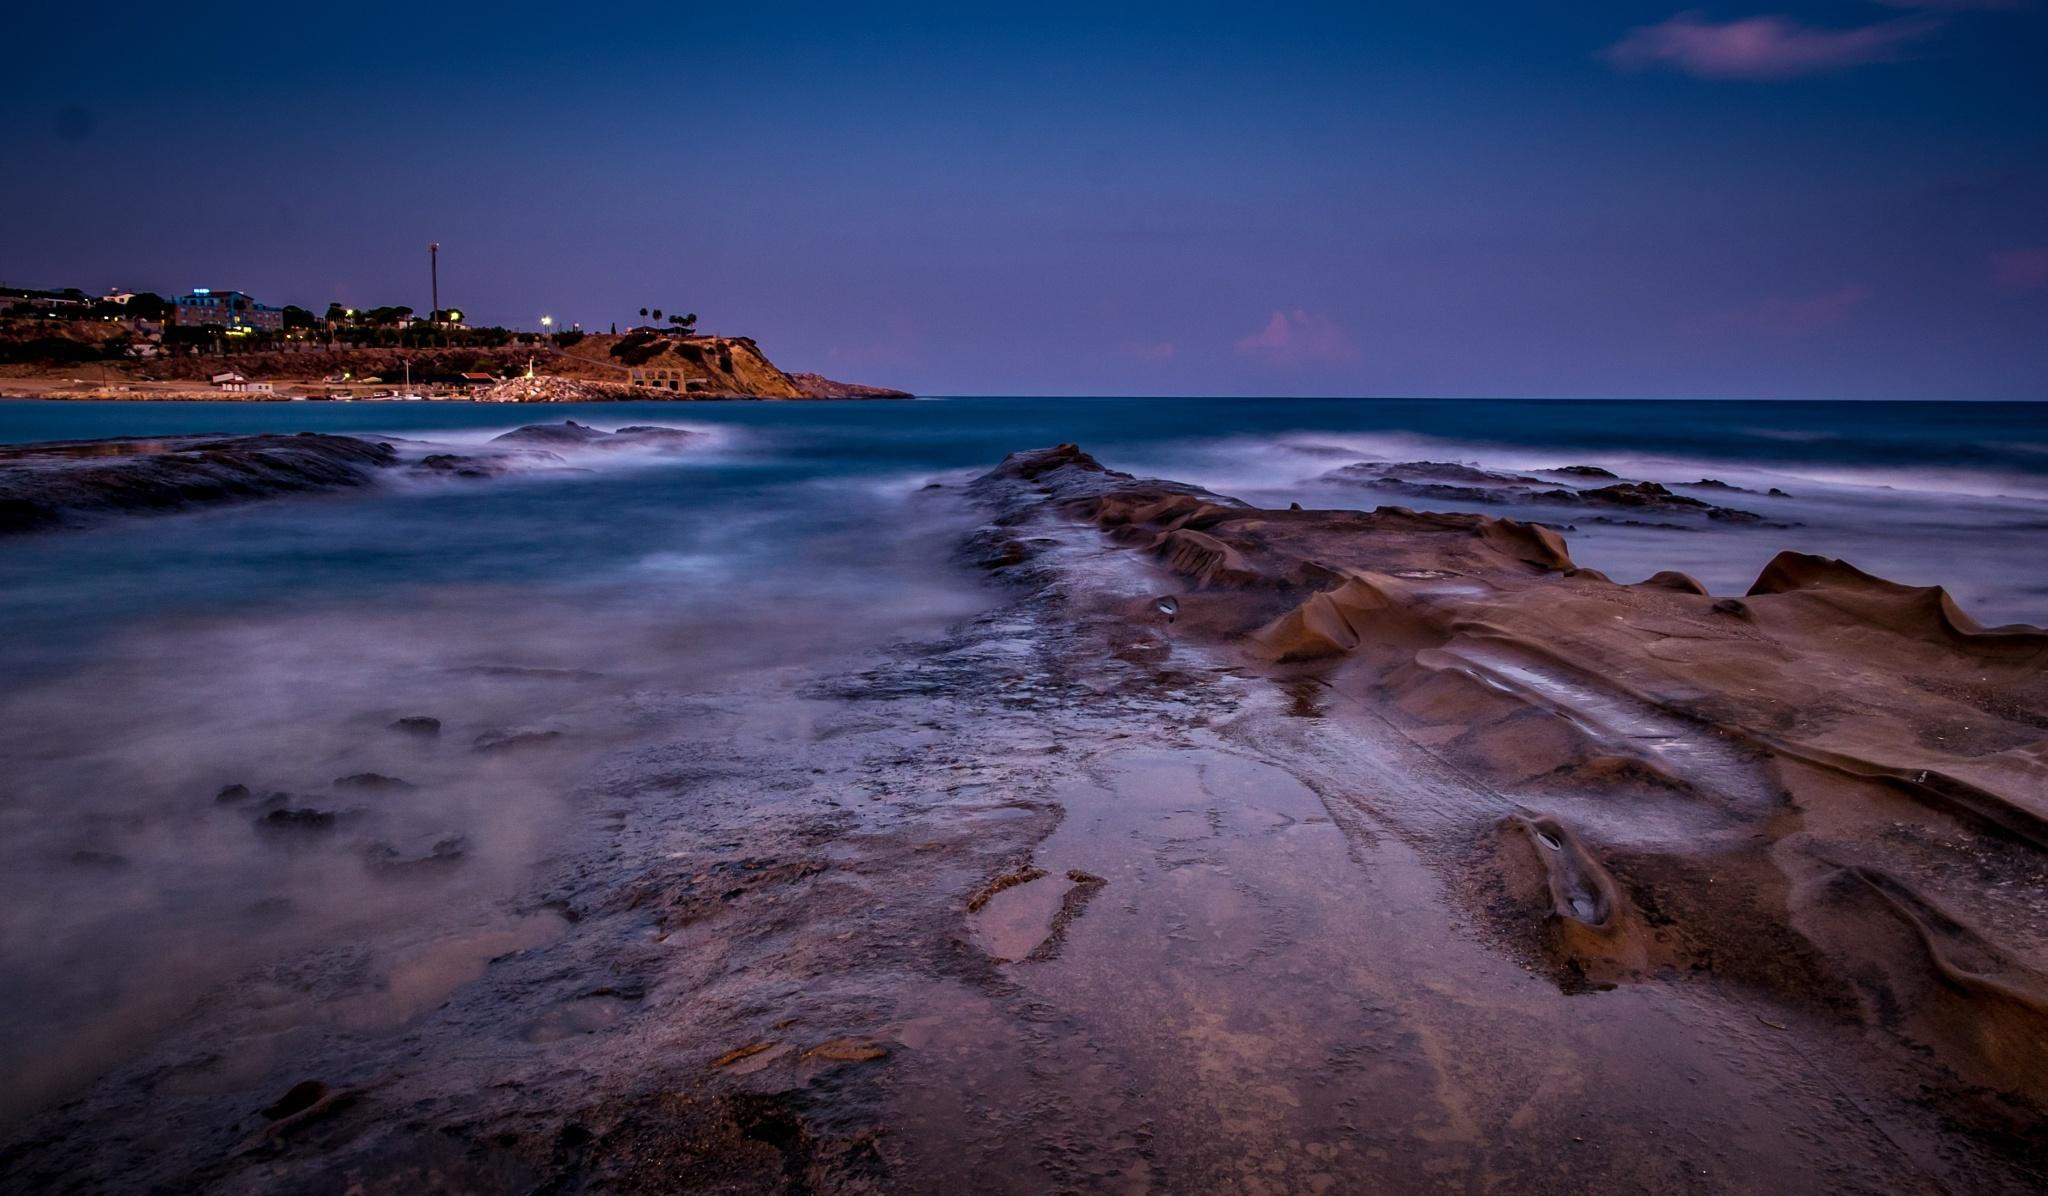 Cyprus by Ediz Kaymaklili